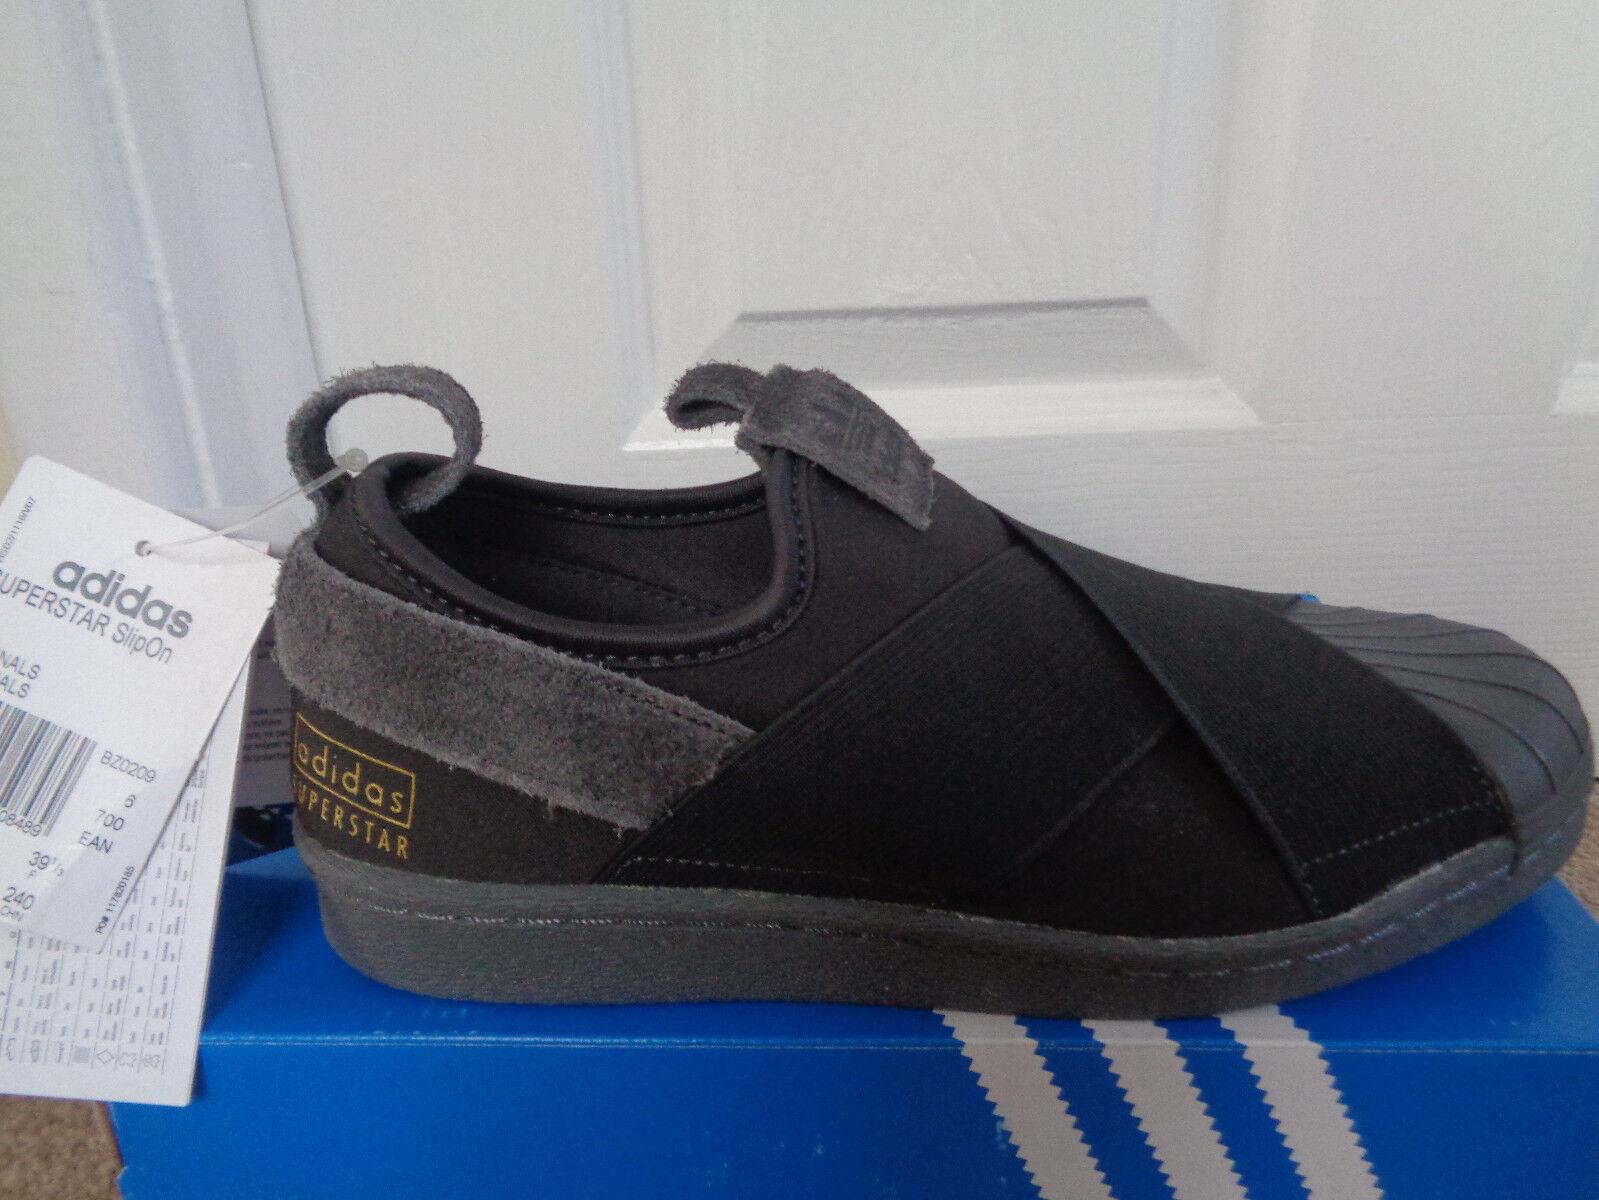 Adidas Superstar SLIPON  Uomo Scarpe BZ0209 EU 39 1/3 US 6.5 NUOVE